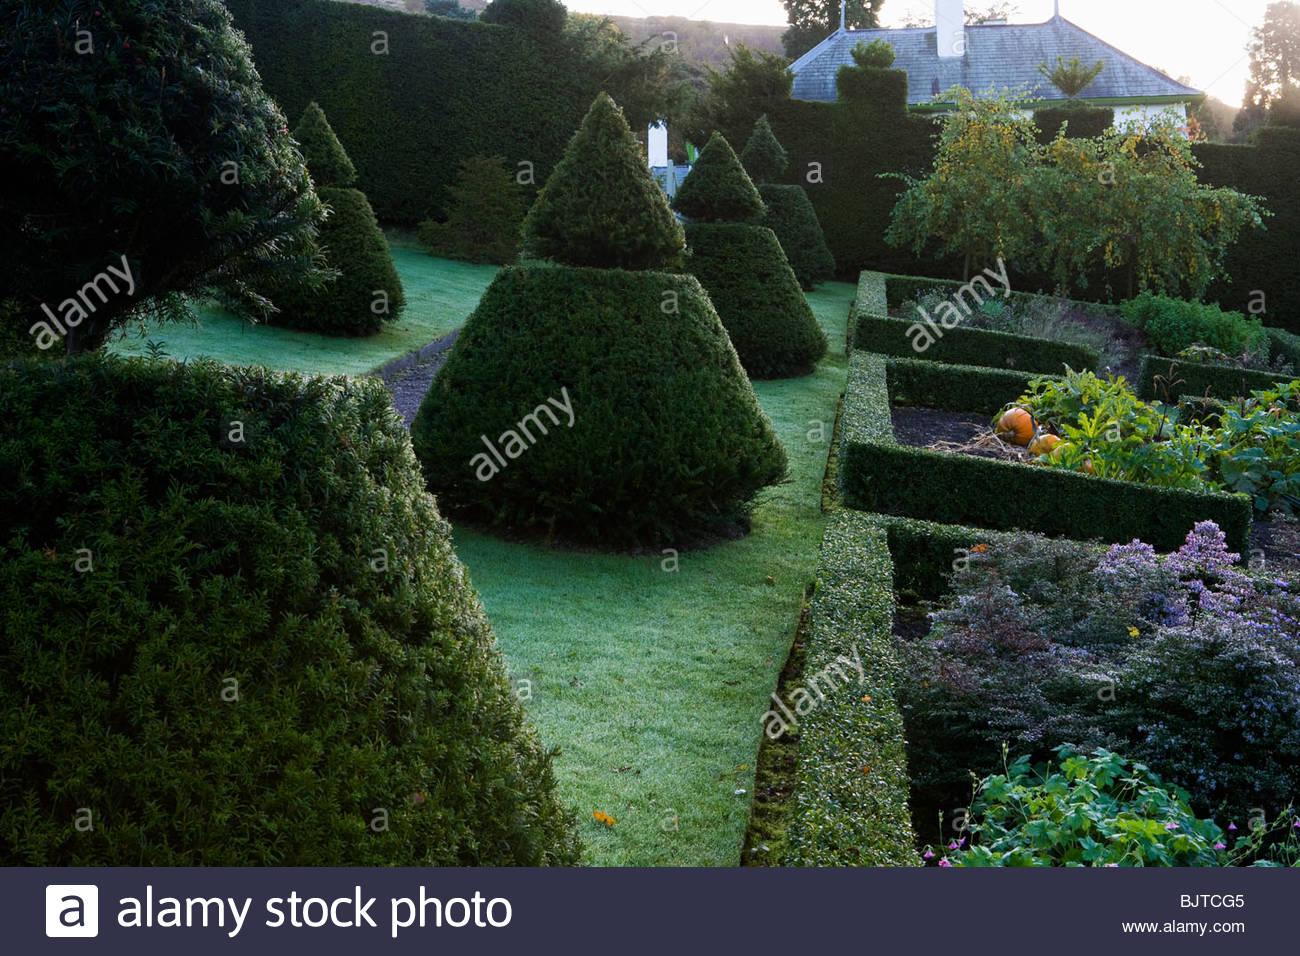 Perrycroft, Herefordshire. (Bogenschützen) Eibe topiary Garten in Hanglage Stockbild